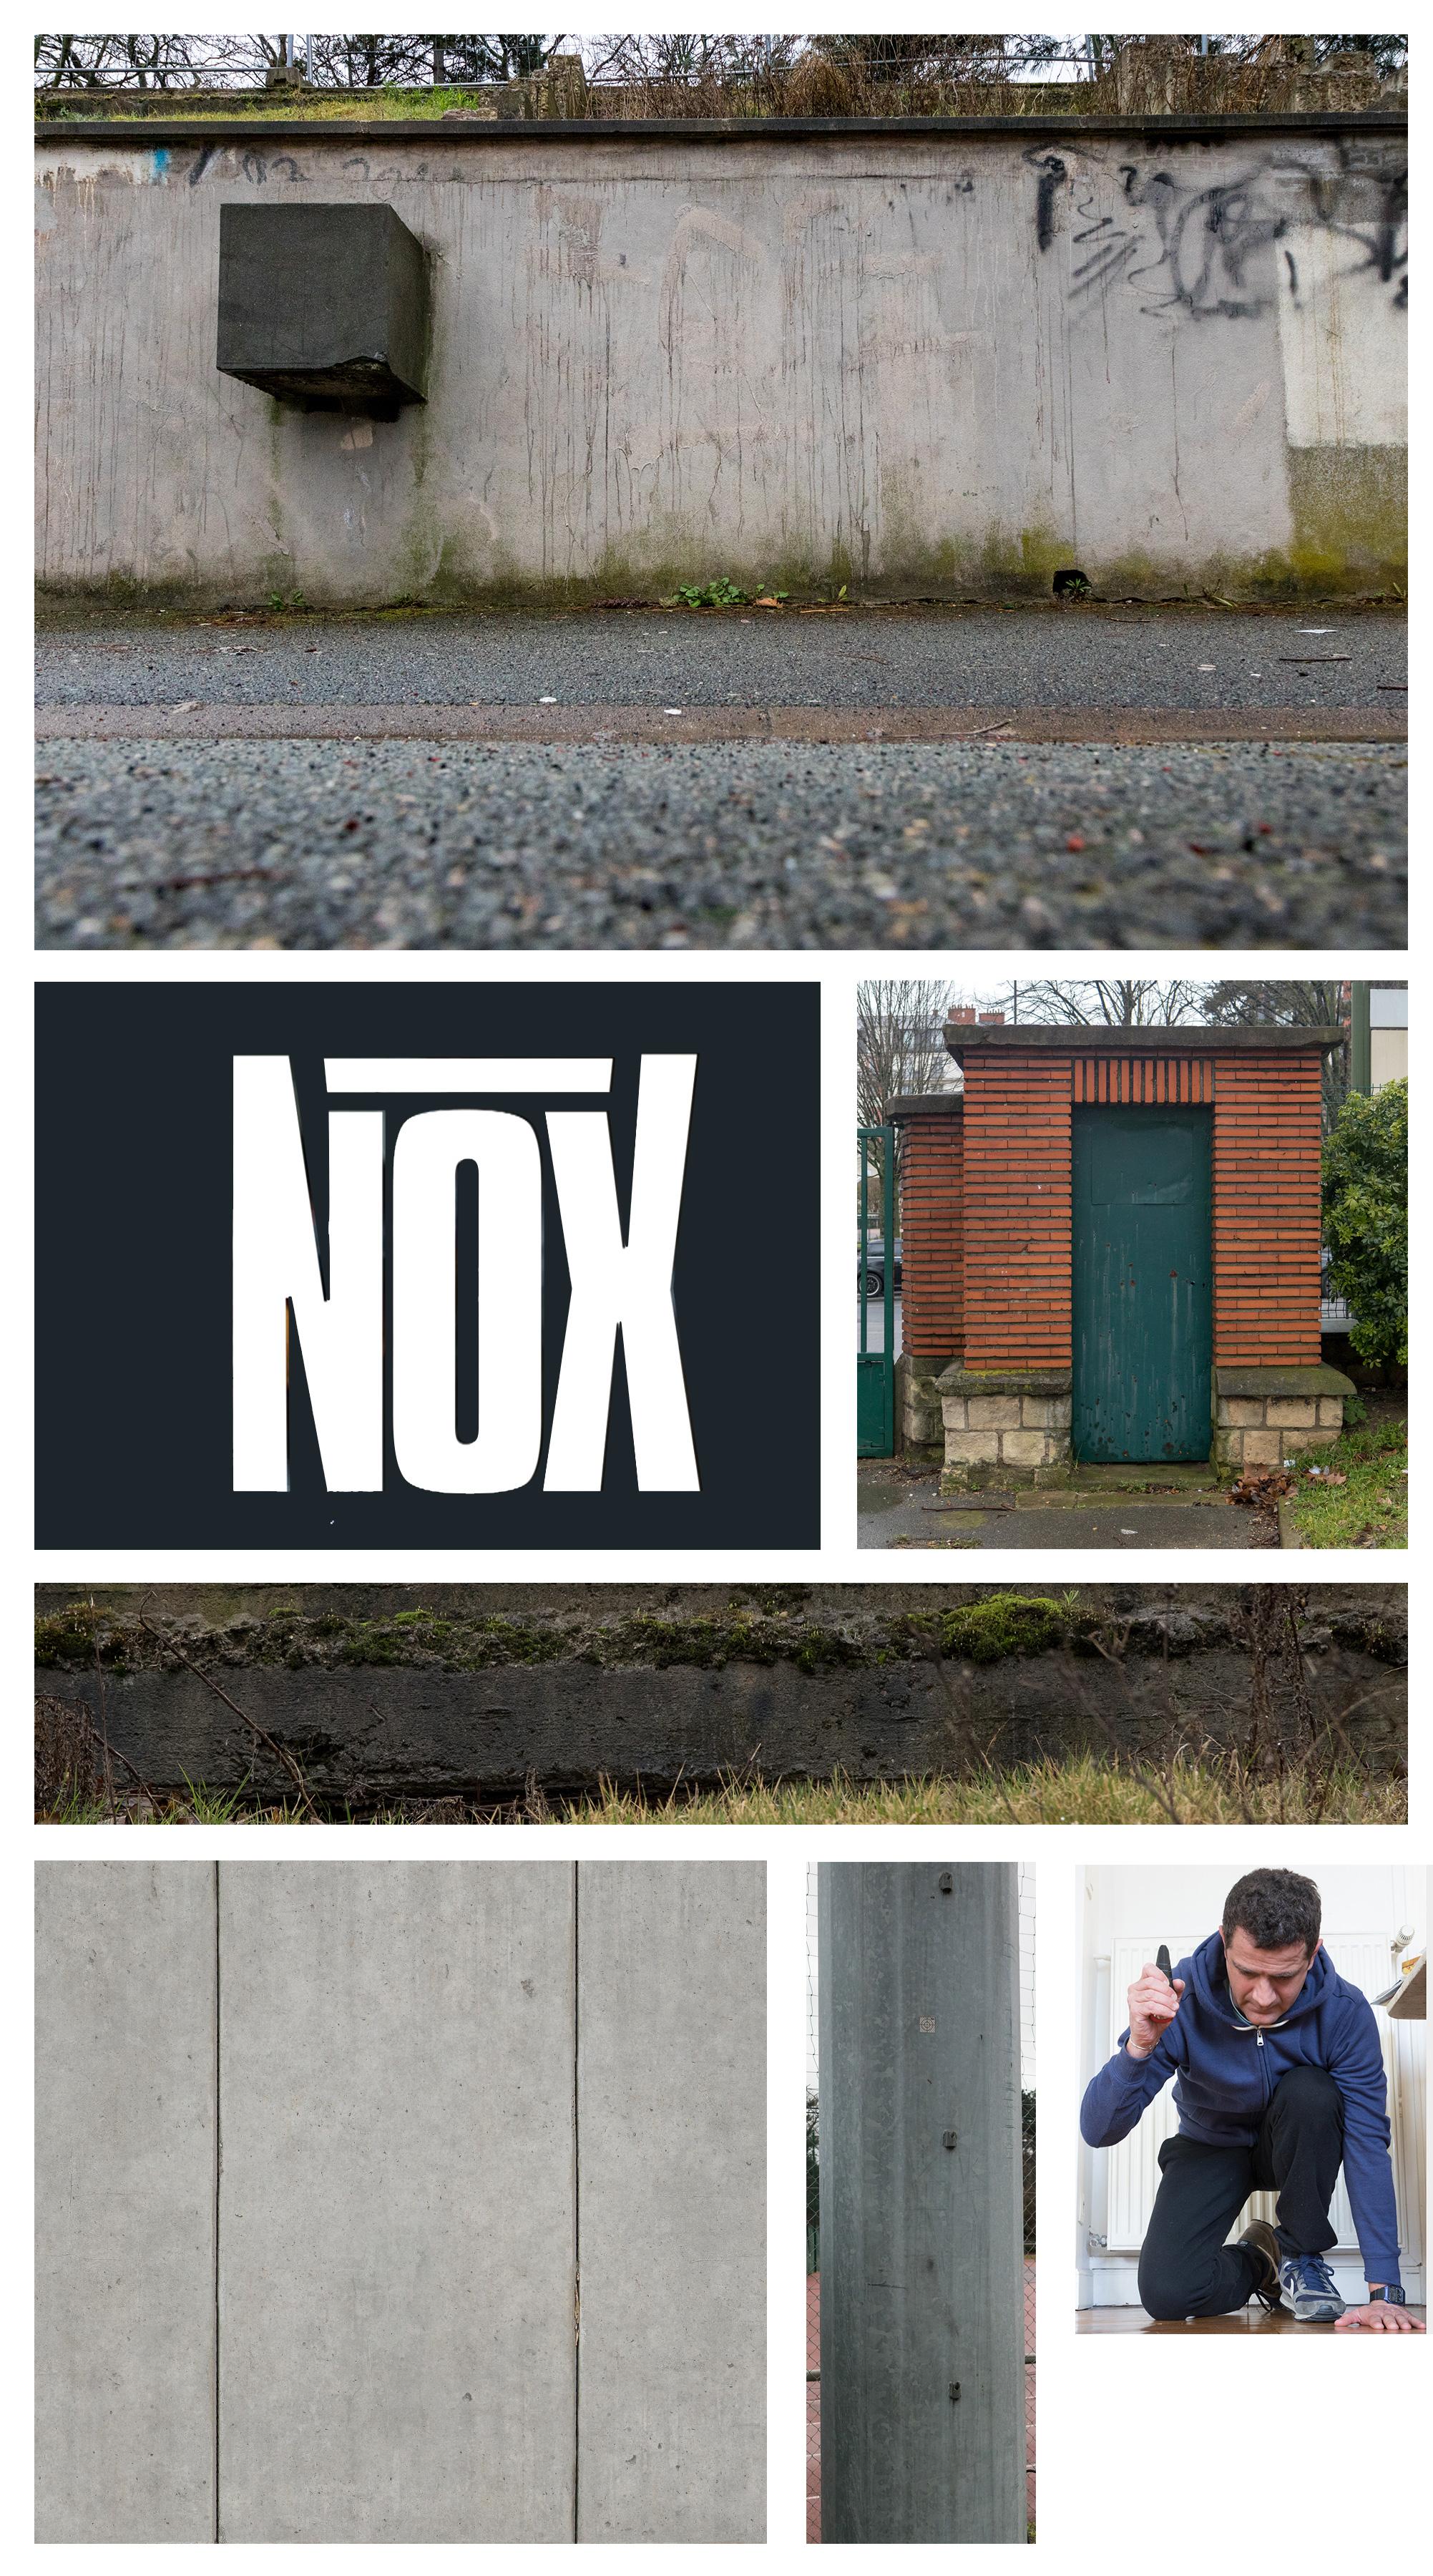 nox pastiche compositing photoshop